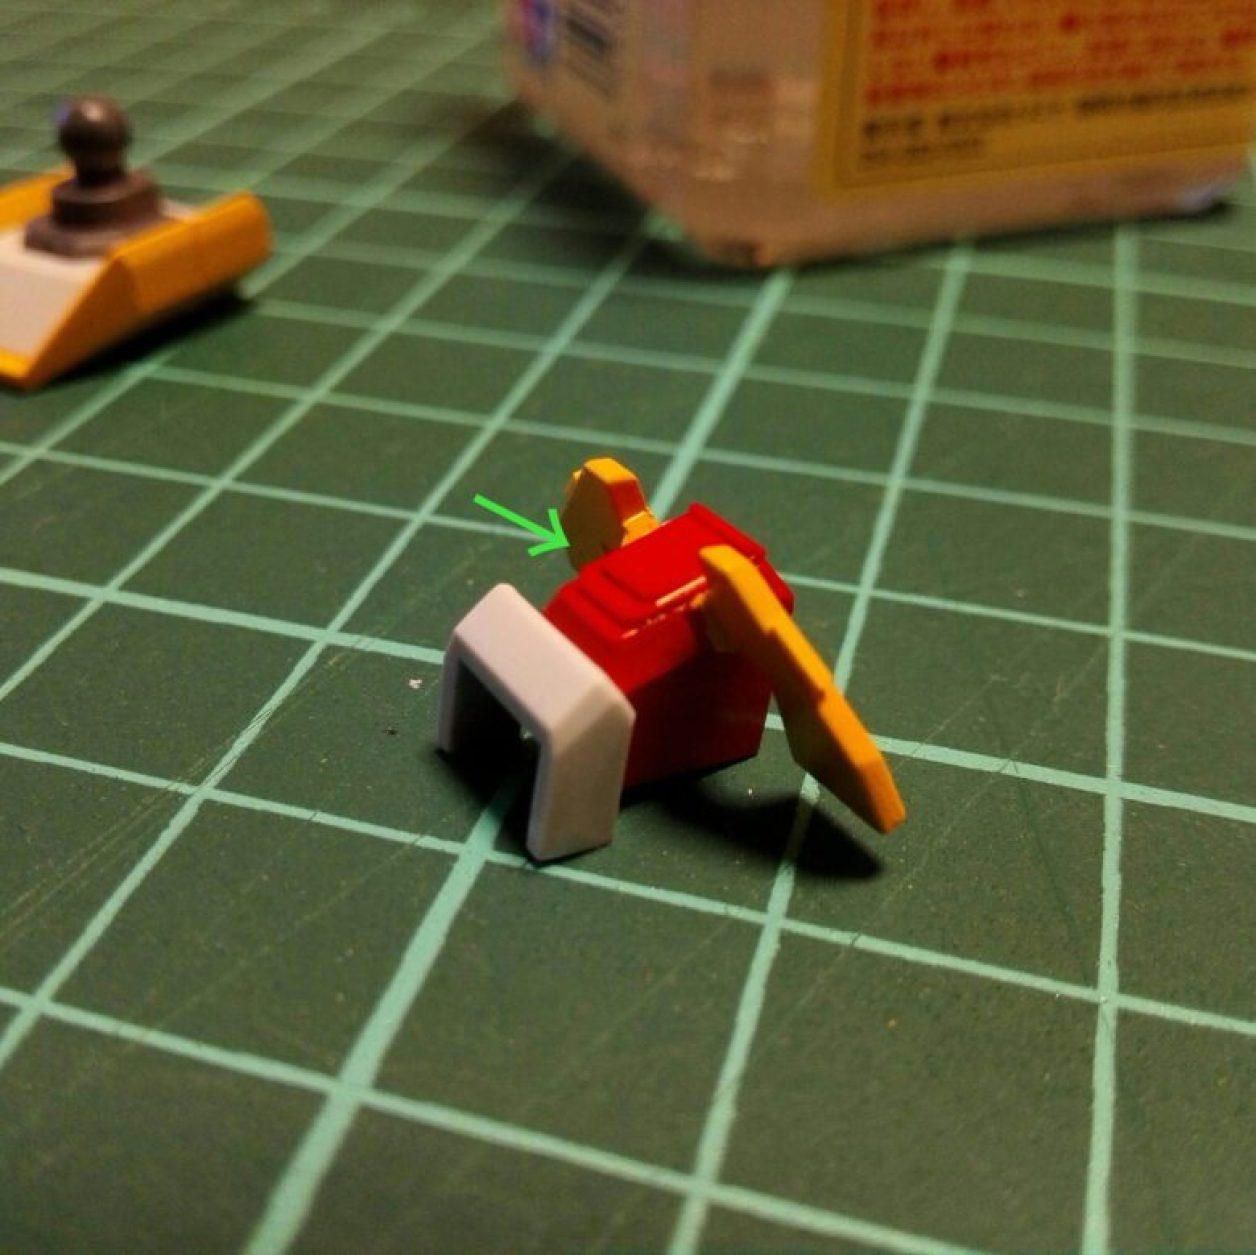 ヘイズルアウスラの胸部ユニットを構成するfg緊急脱出ポッド[プリムローズ]の制作記録におけるプラバンを使ったコクピットのディテールアップの画像